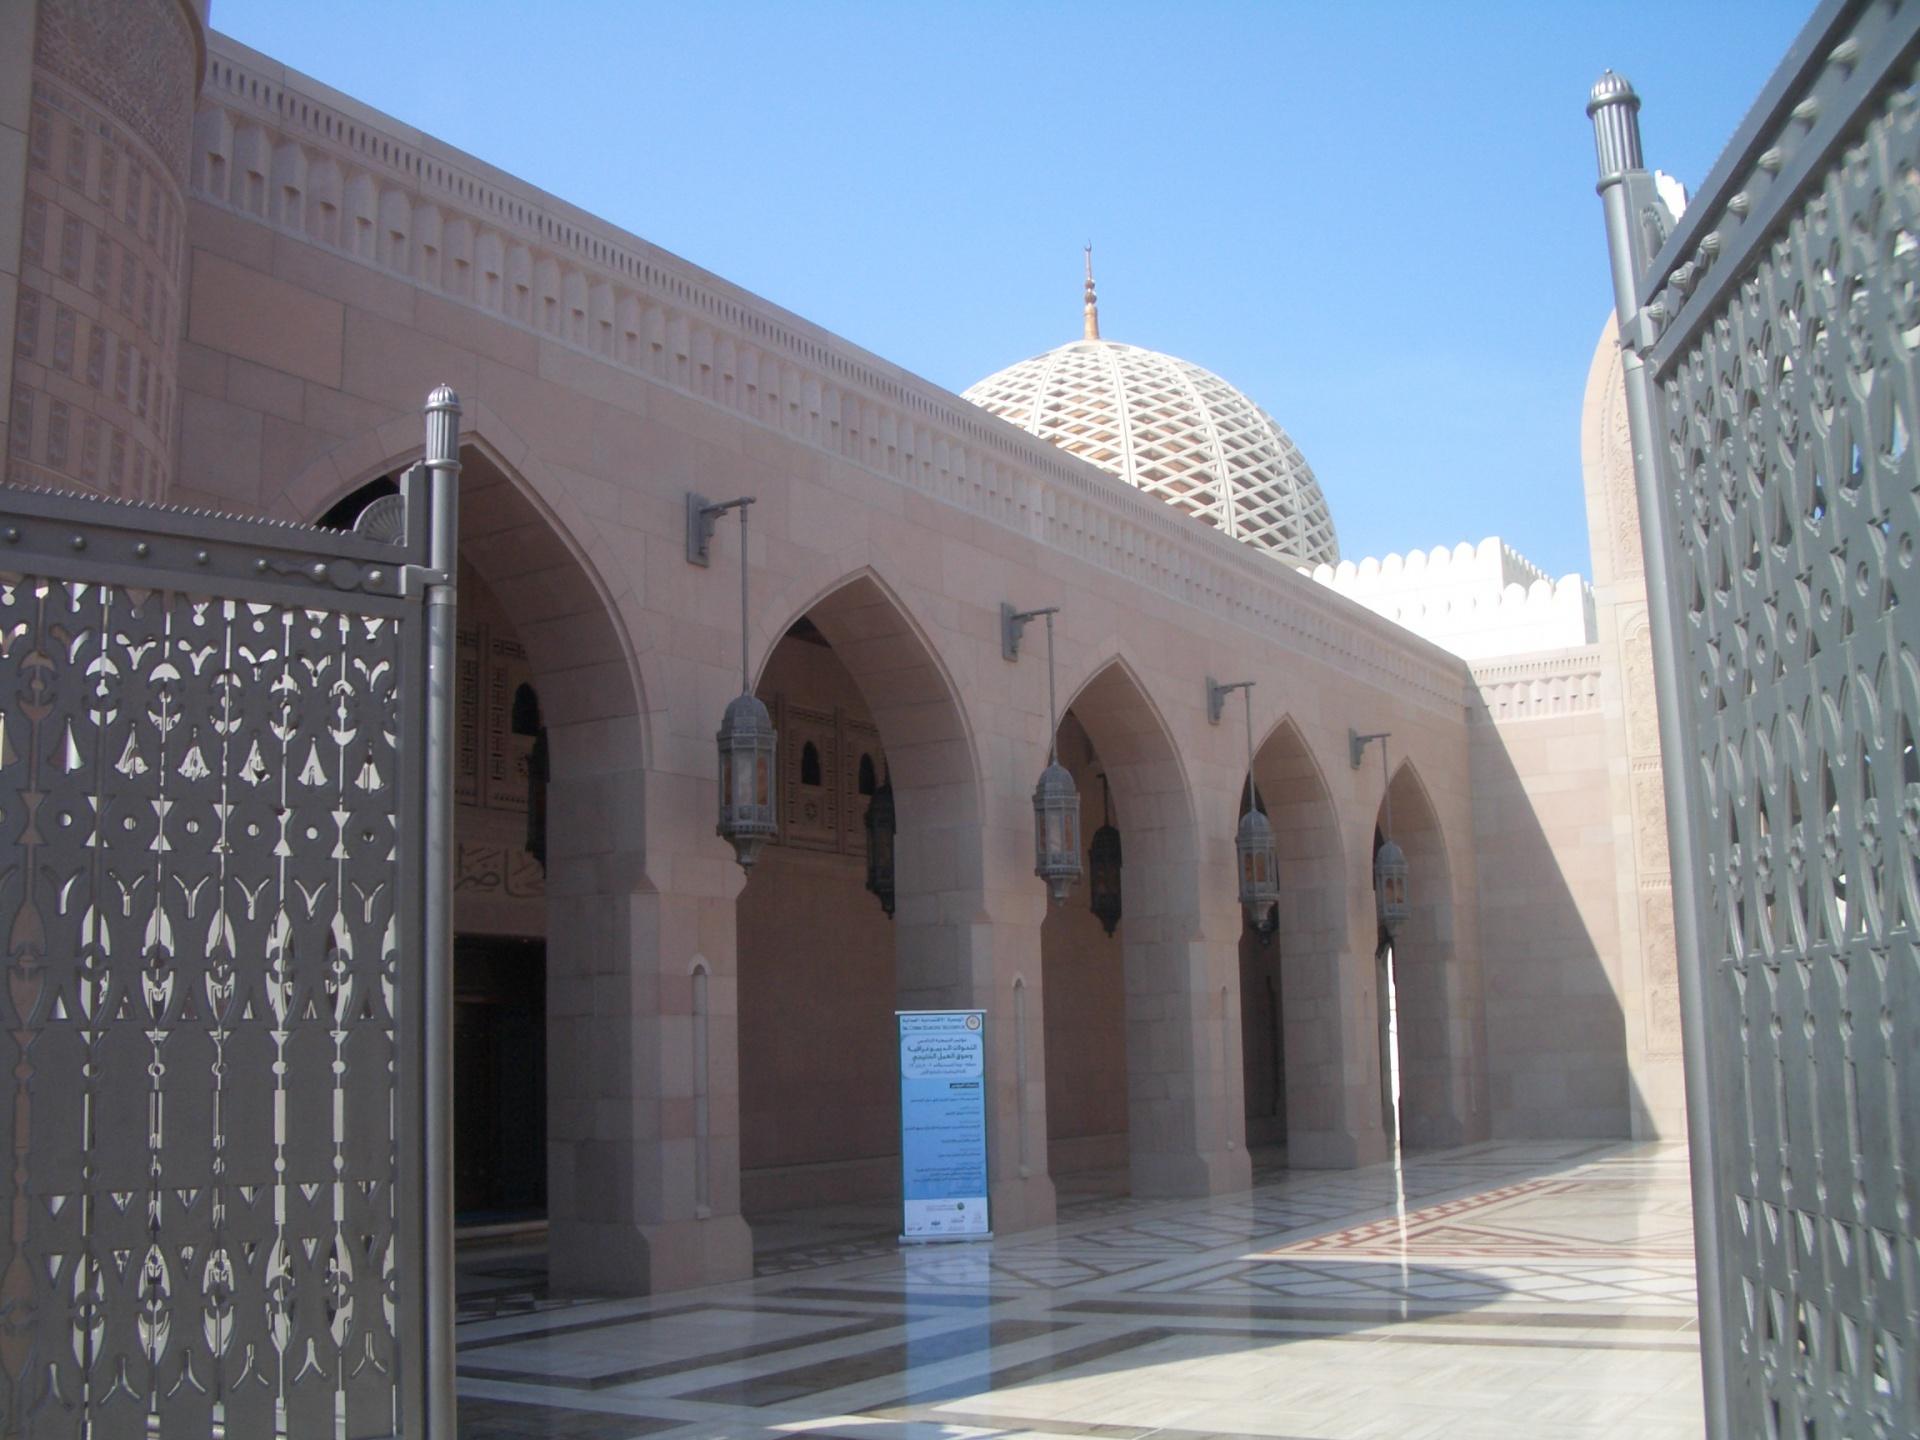 オマーン マスカット モスク